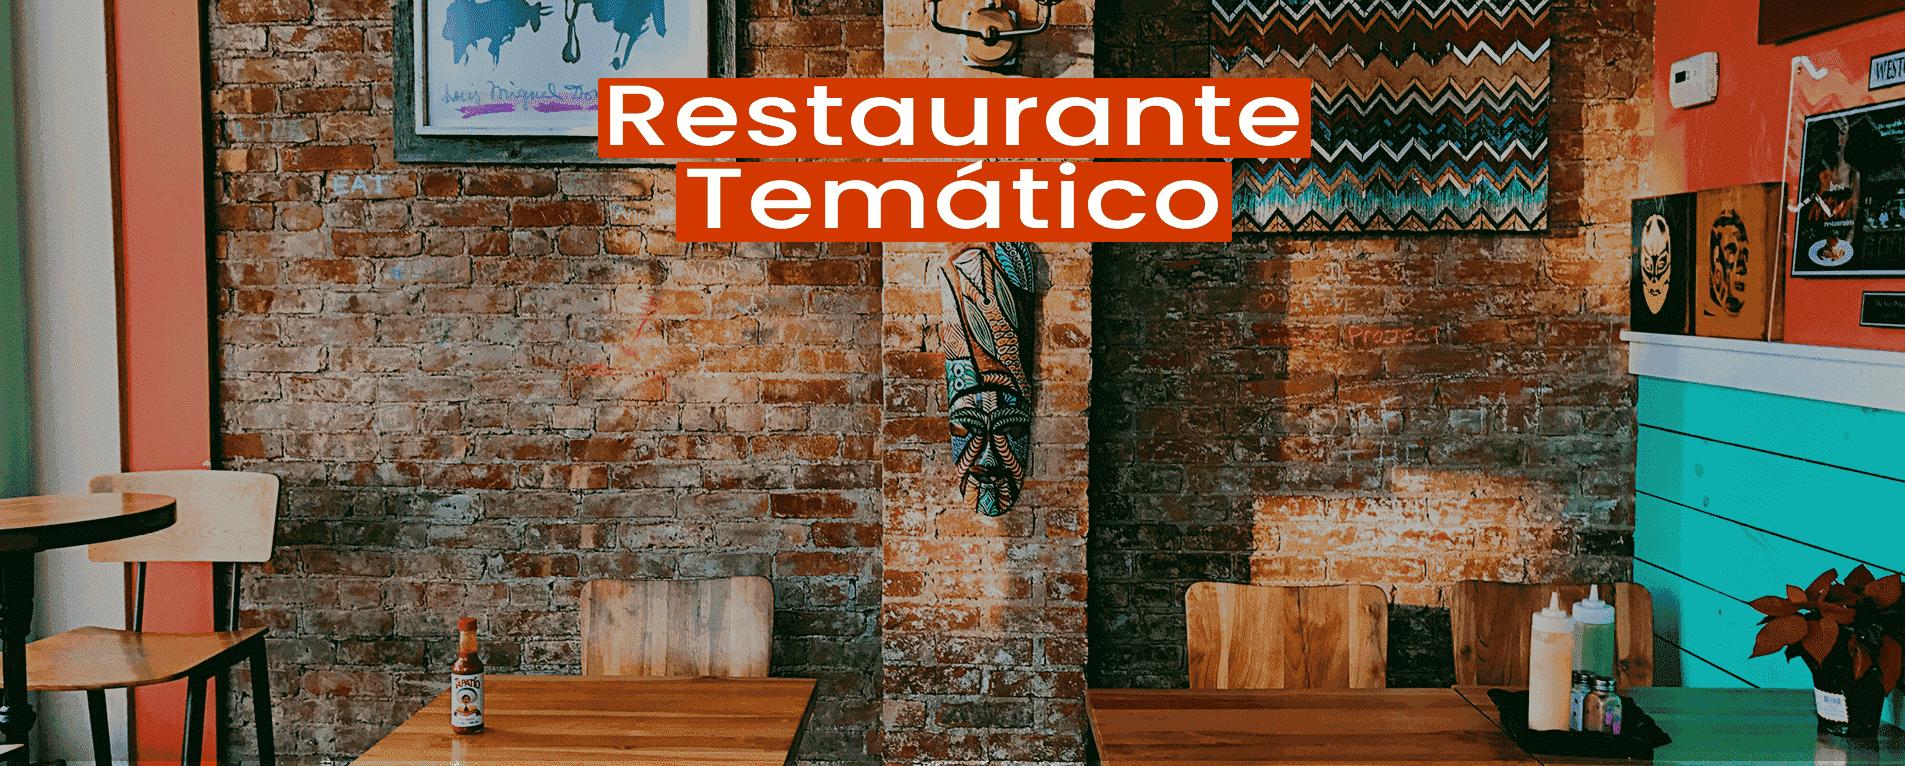 6 Dicas e Ideias Criativas de Como Abrir um Restaurante Temático